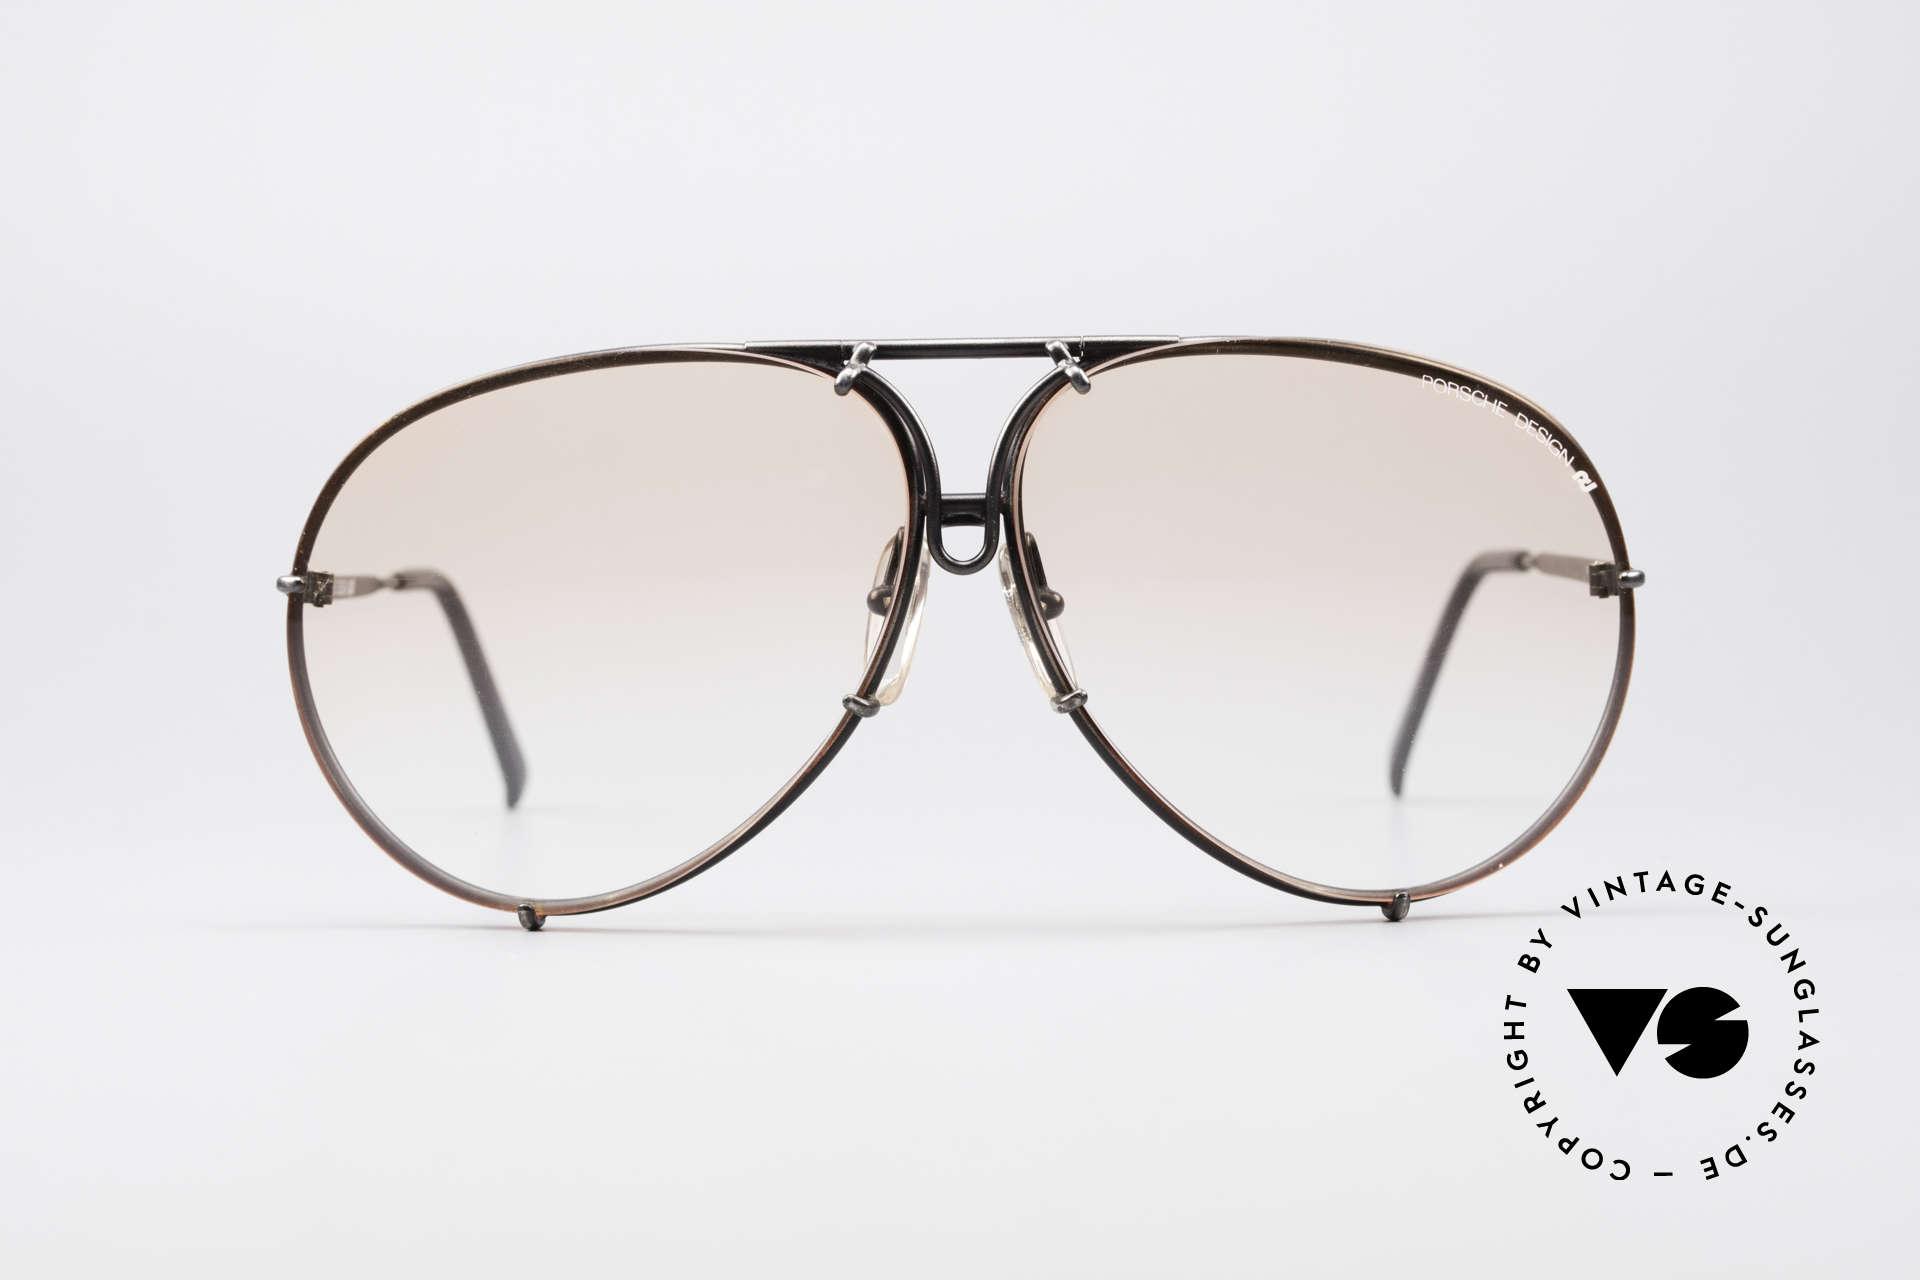 Porsche 5621 Seltene 80er XL Pilotenbrille, eines der meistgesuchten vintage Modelle; Rarität, Passend für Herren